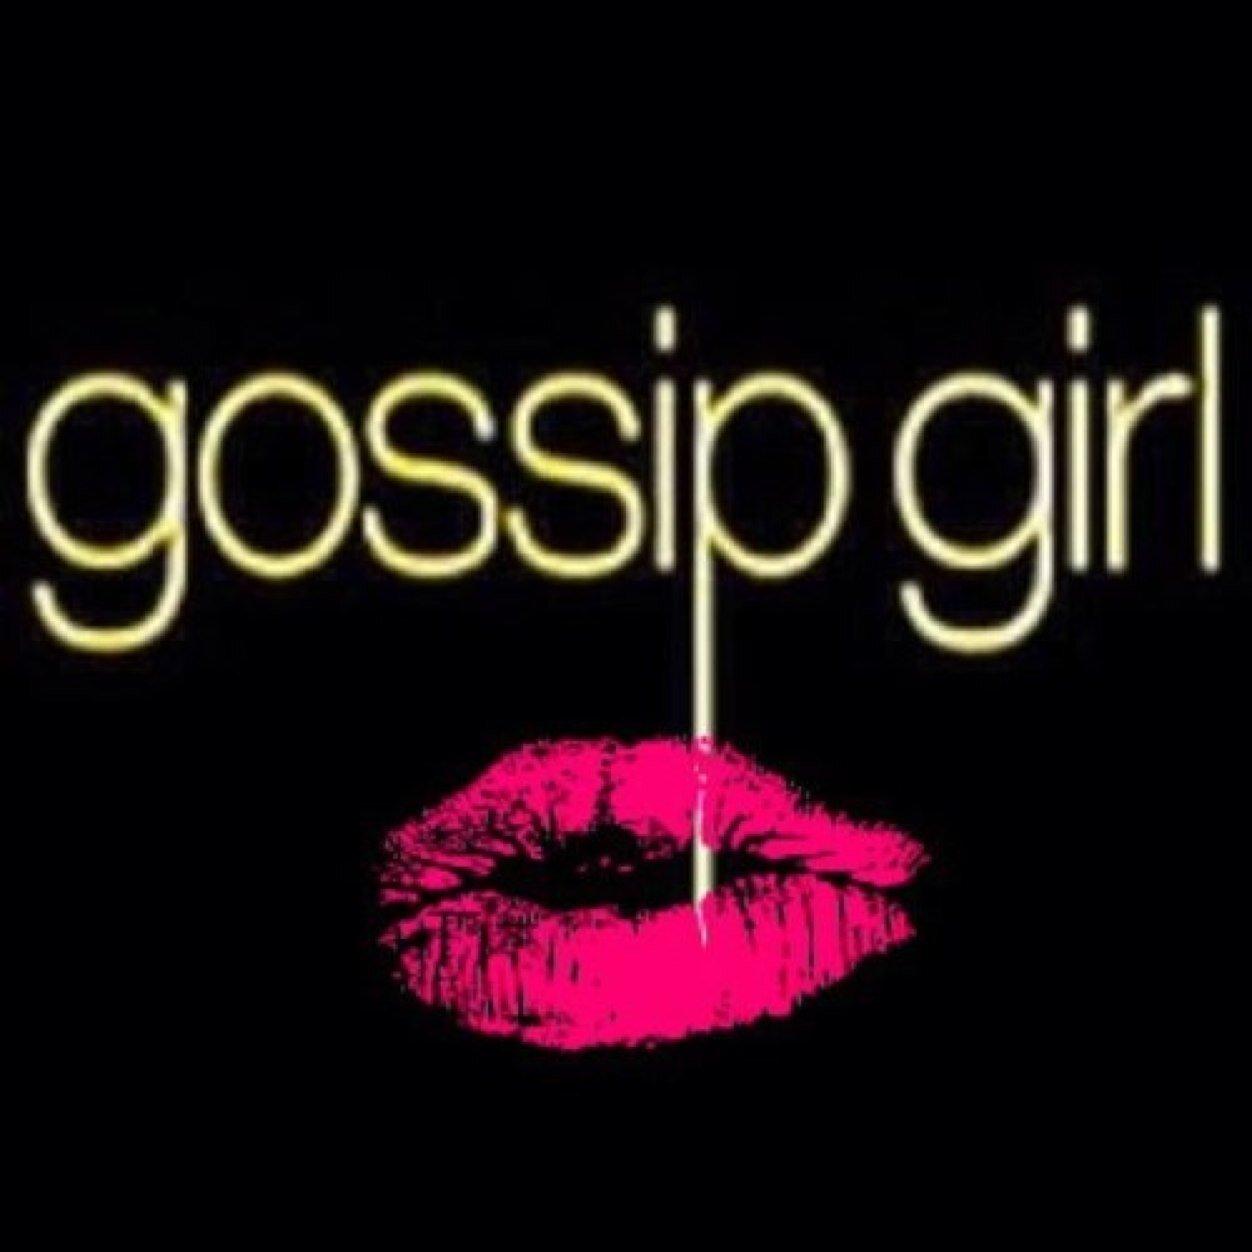 ゴシップガール 名言 gossipgirl